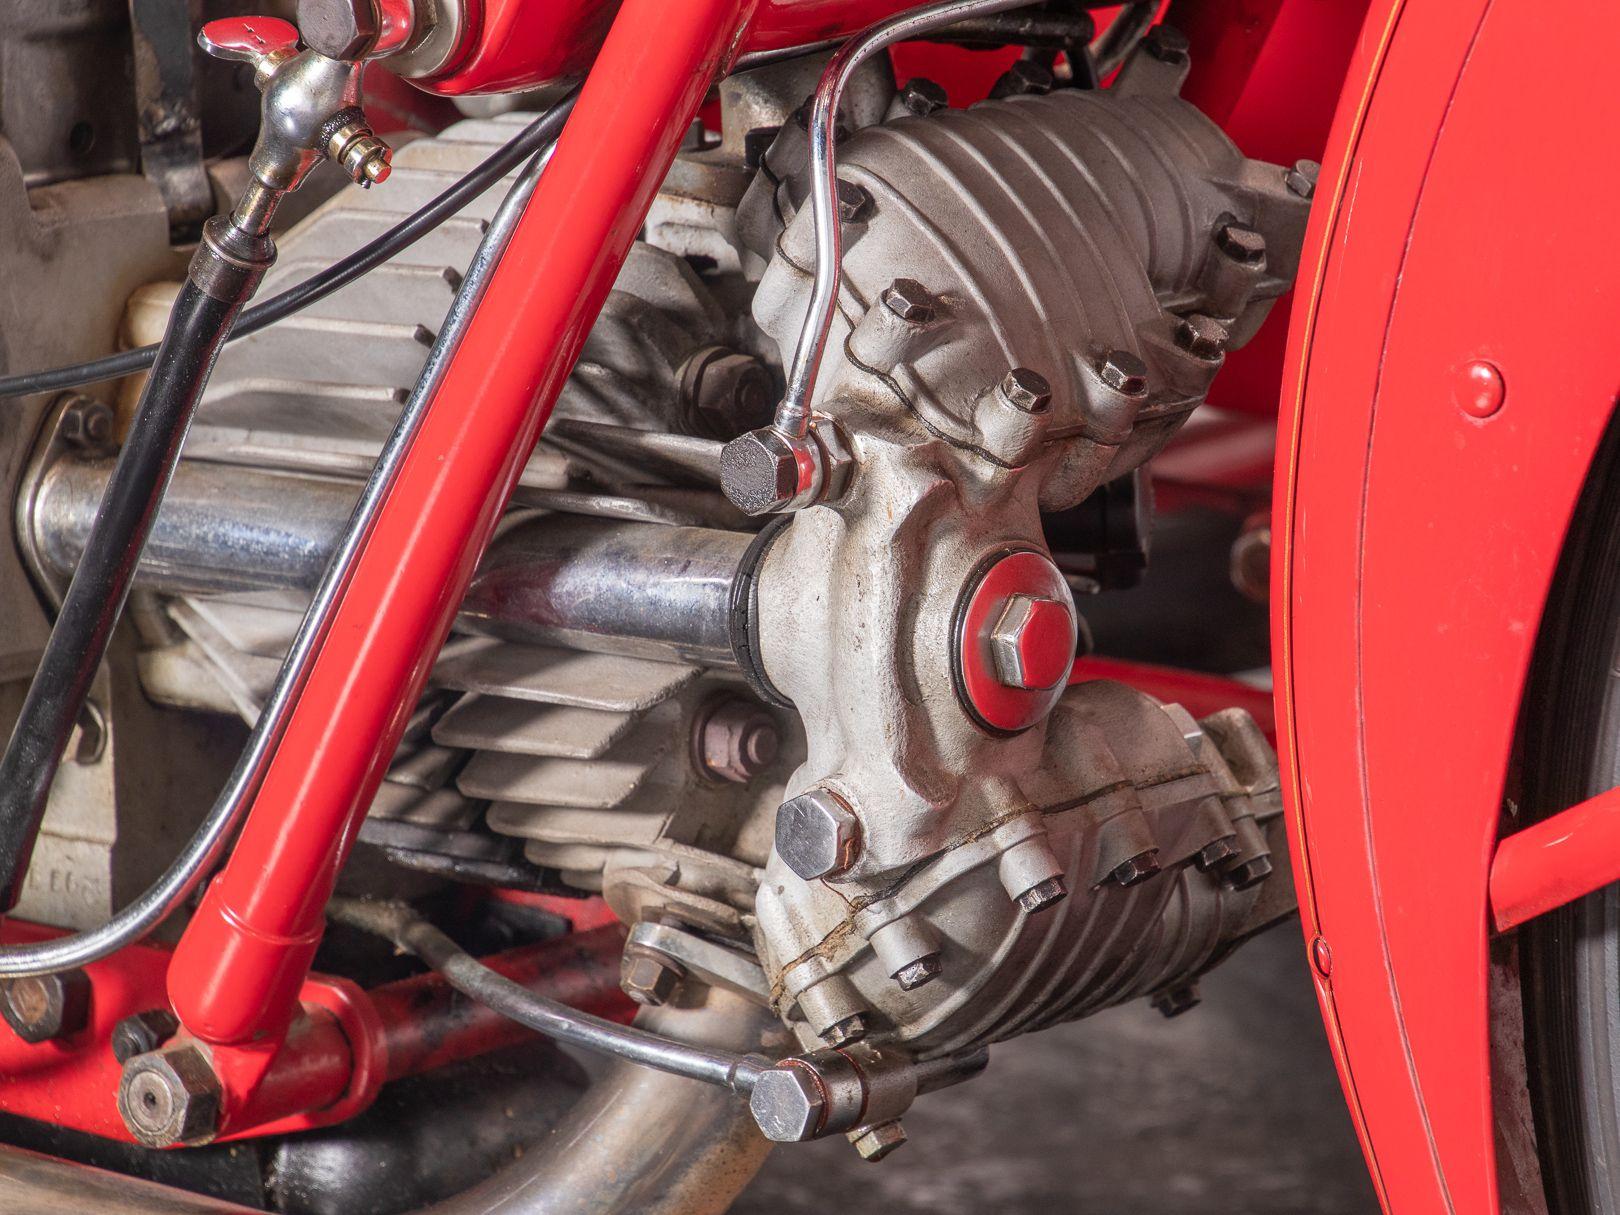 1956 Moto Guzzi 500 FS Sidecar 44982